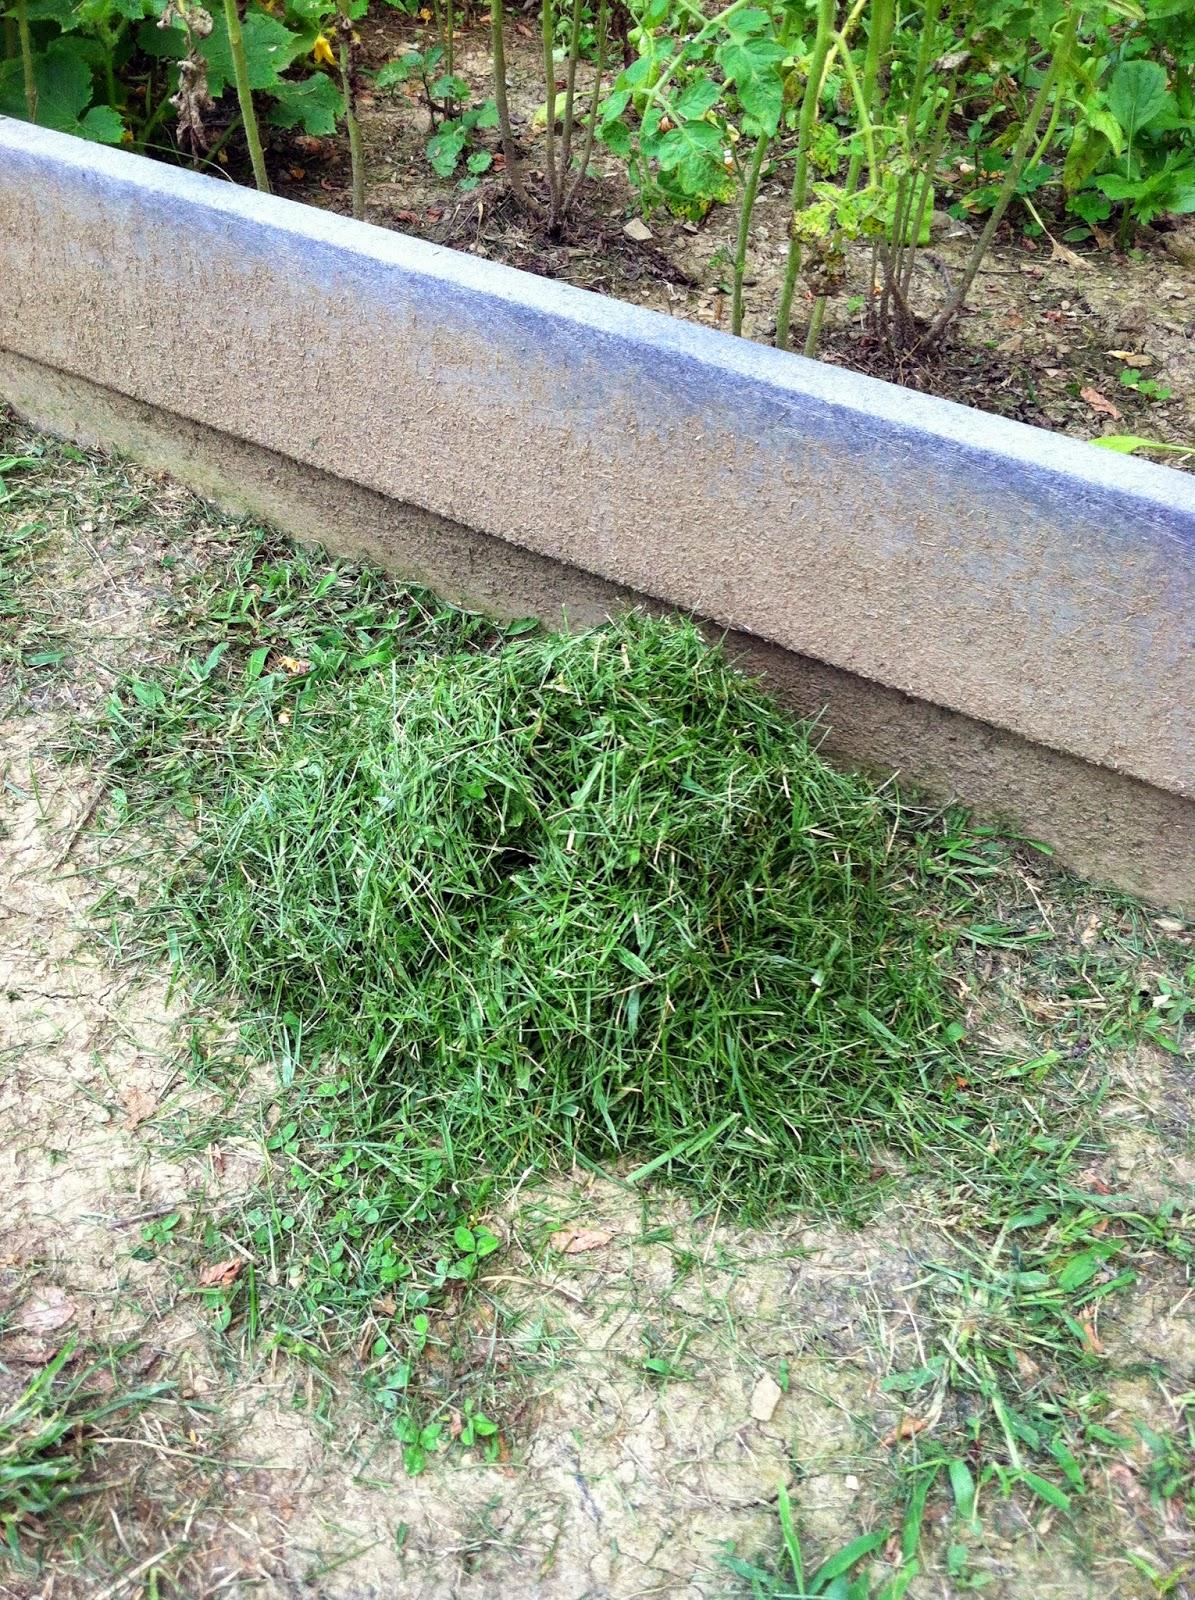 grass clippings as fertilizer